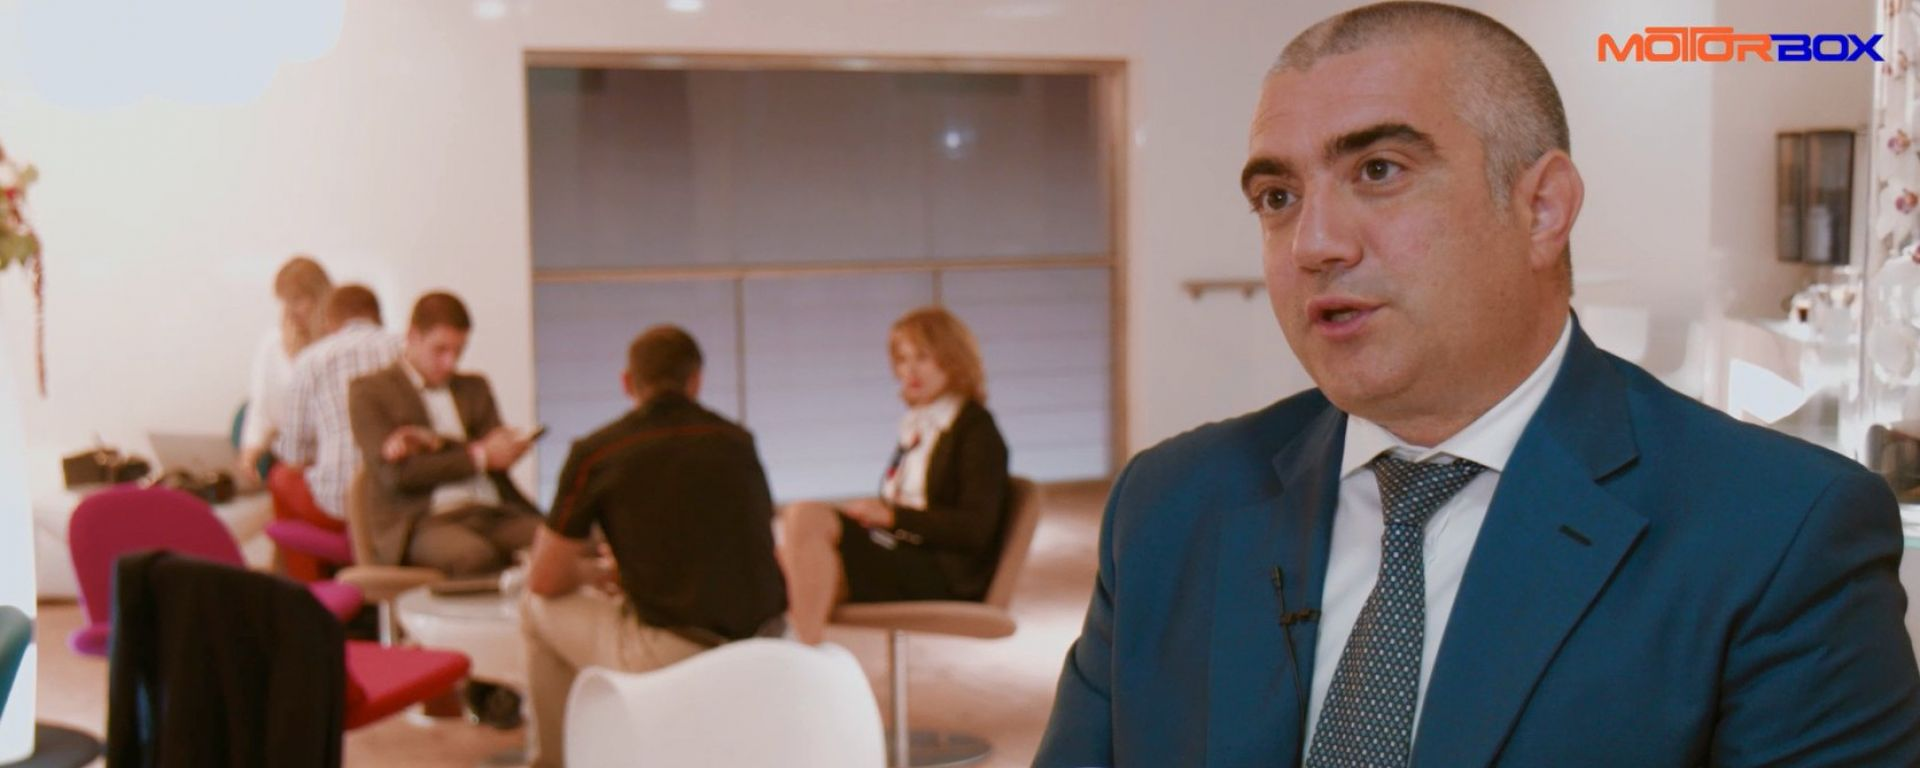 Salone di Parigi 2016, intervista a Mirko Dall'Agnola, Direttore Commerciale divisione Auto Suzuki Italia